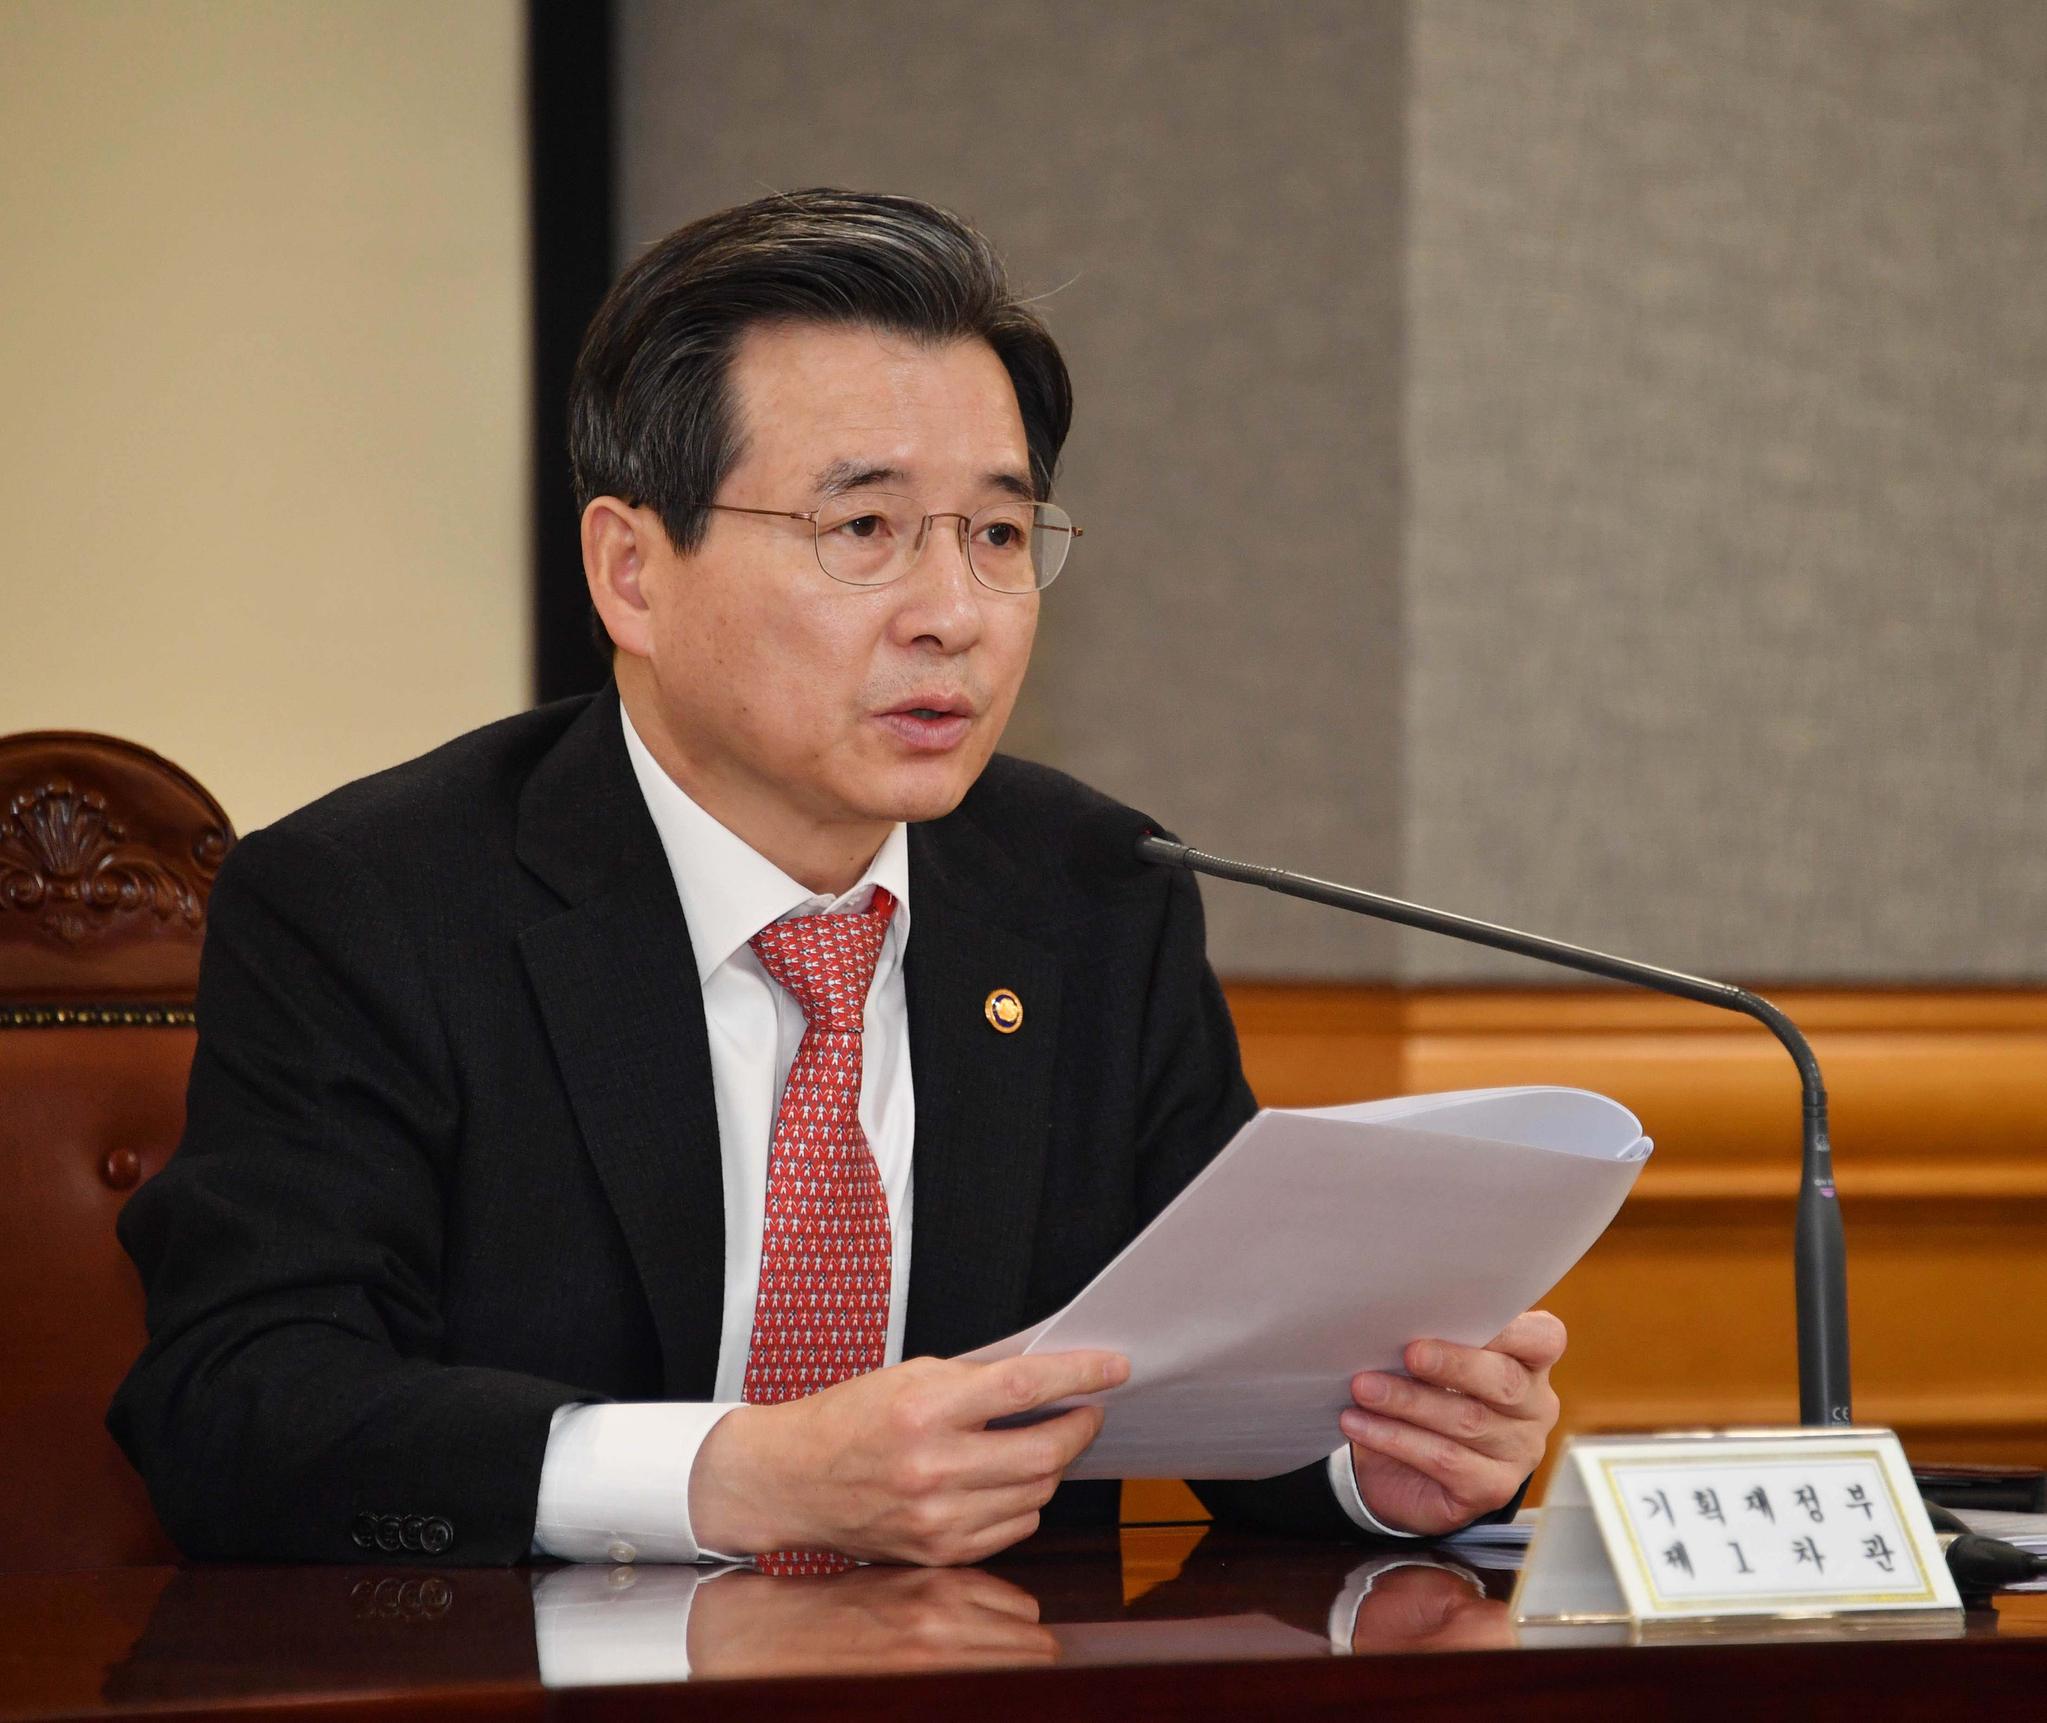 [속보] 정부 국내은행 외화LCR 규제 5월말까지 80→70% 적용